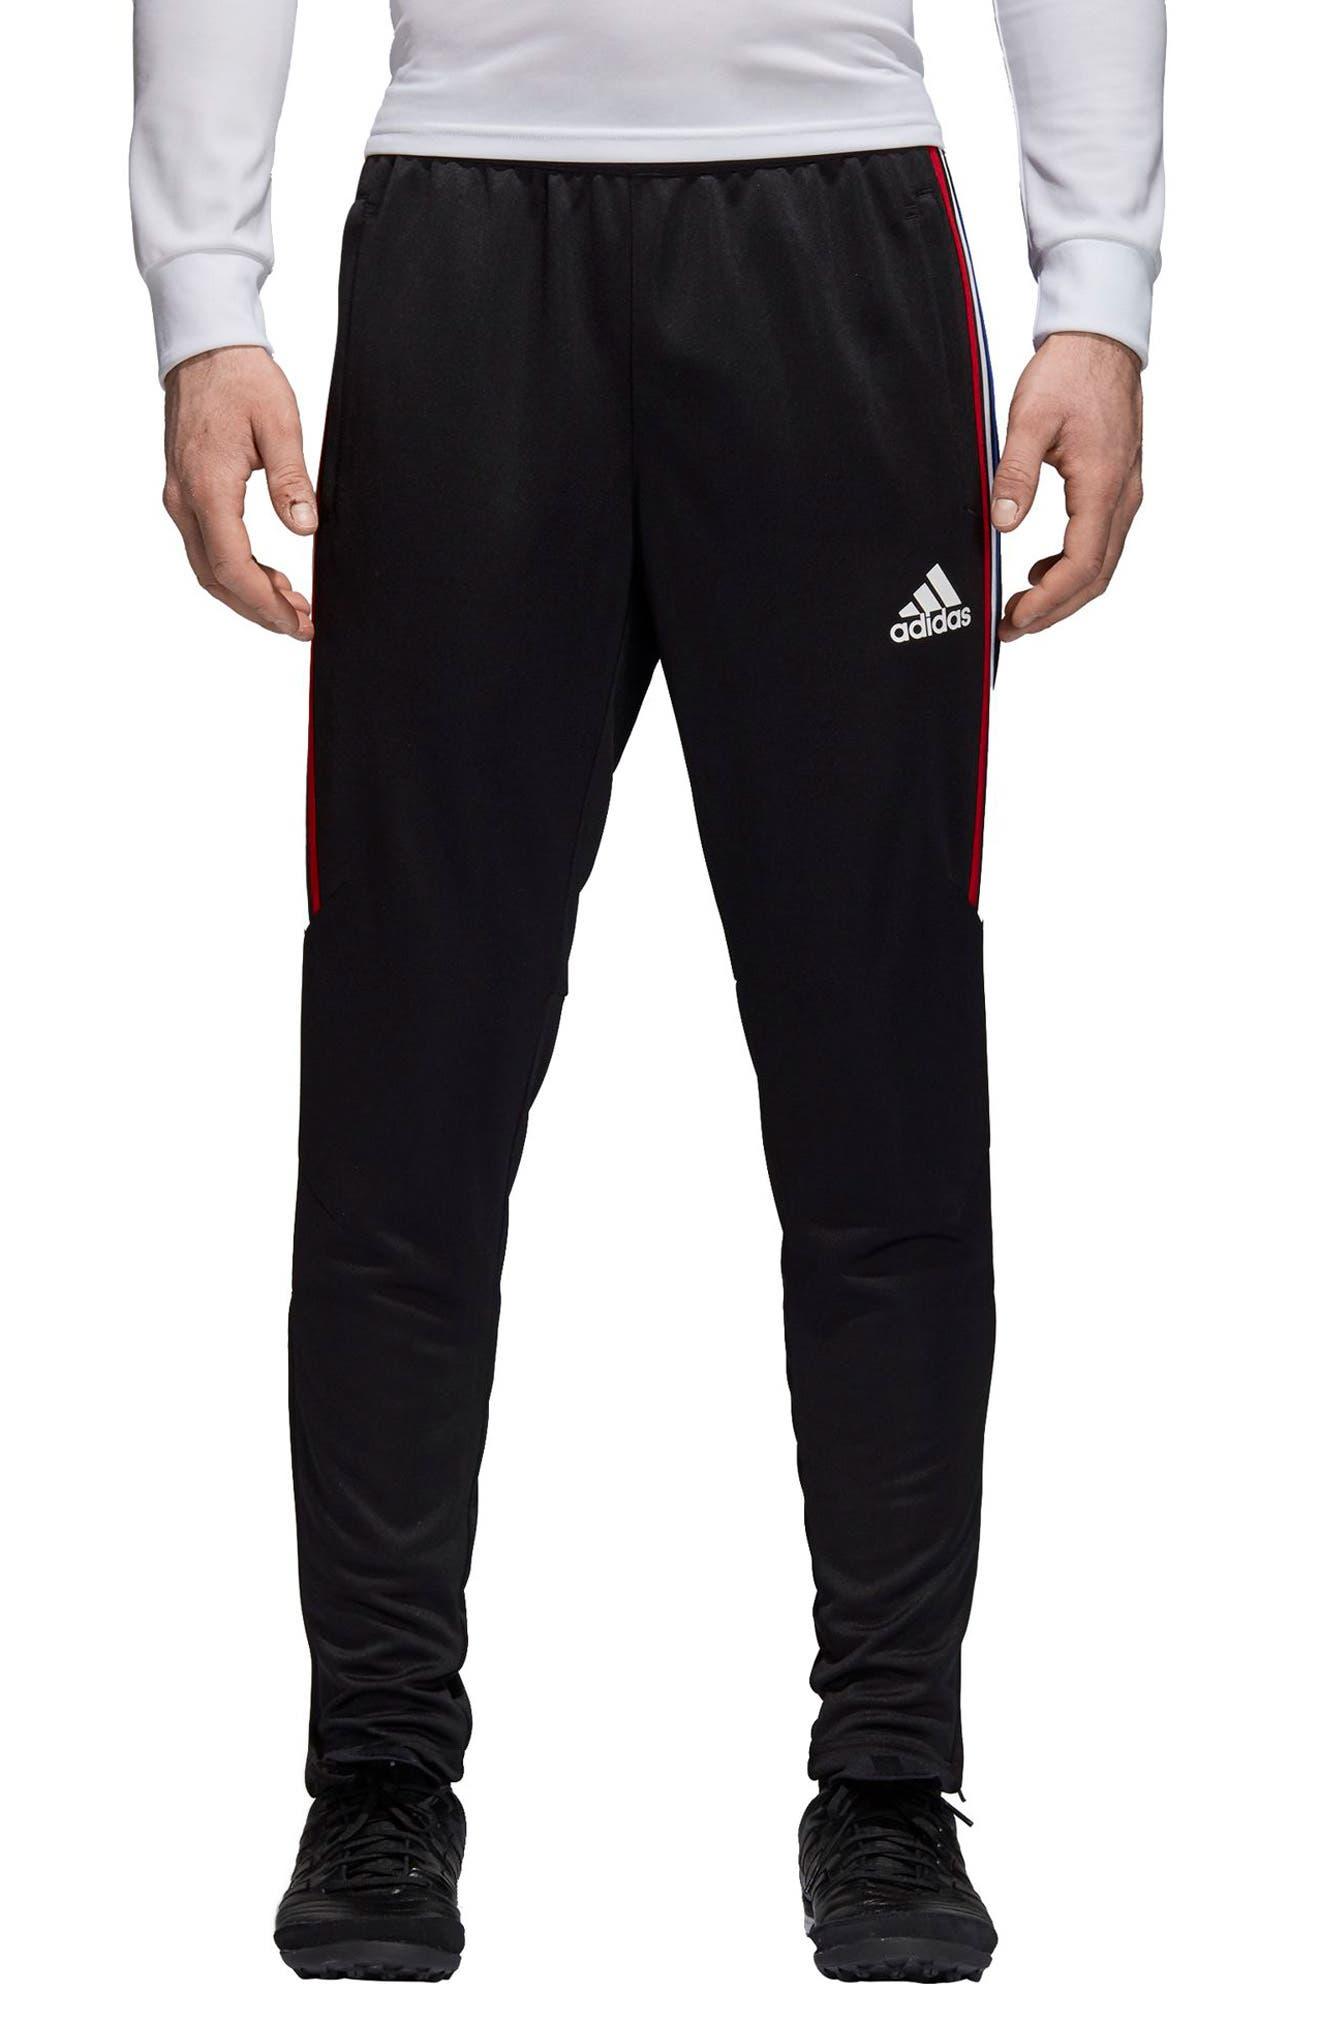 ,                             Tiro 17 Regular Fit Training Pants,                             Main thumbnail 1, color,                             BLACK/ RED/ WHITE/ BLUE